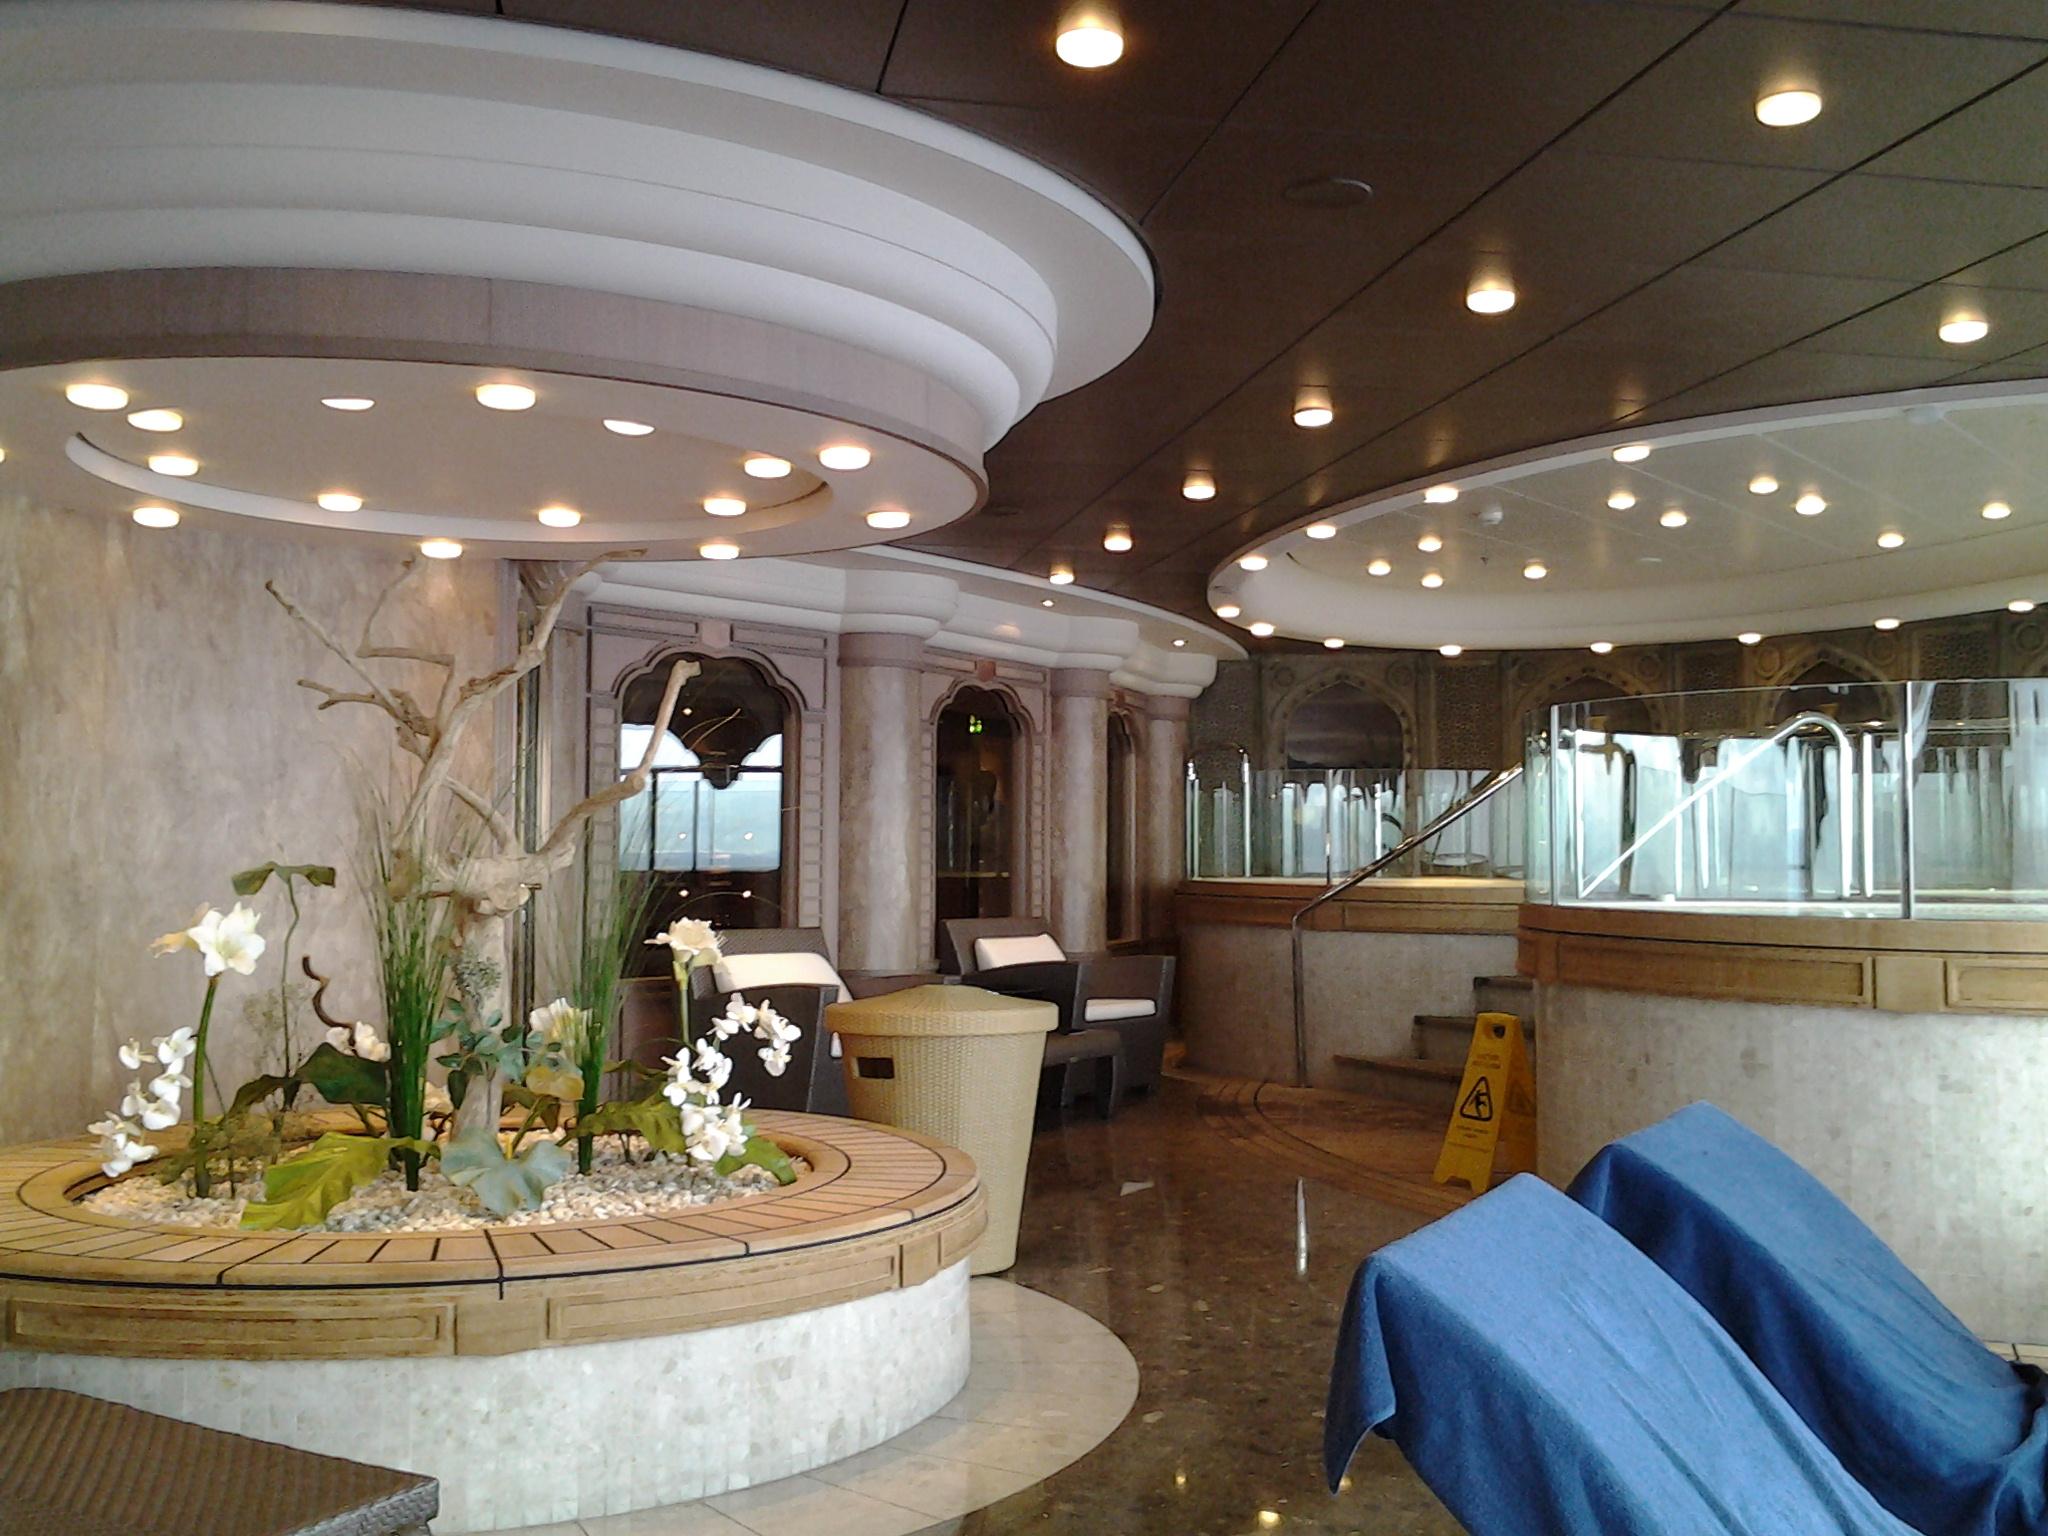 avis msc croisi res avis clients et photos sur msc. Black Bedroom Furniture Sets. Home Design Ideas